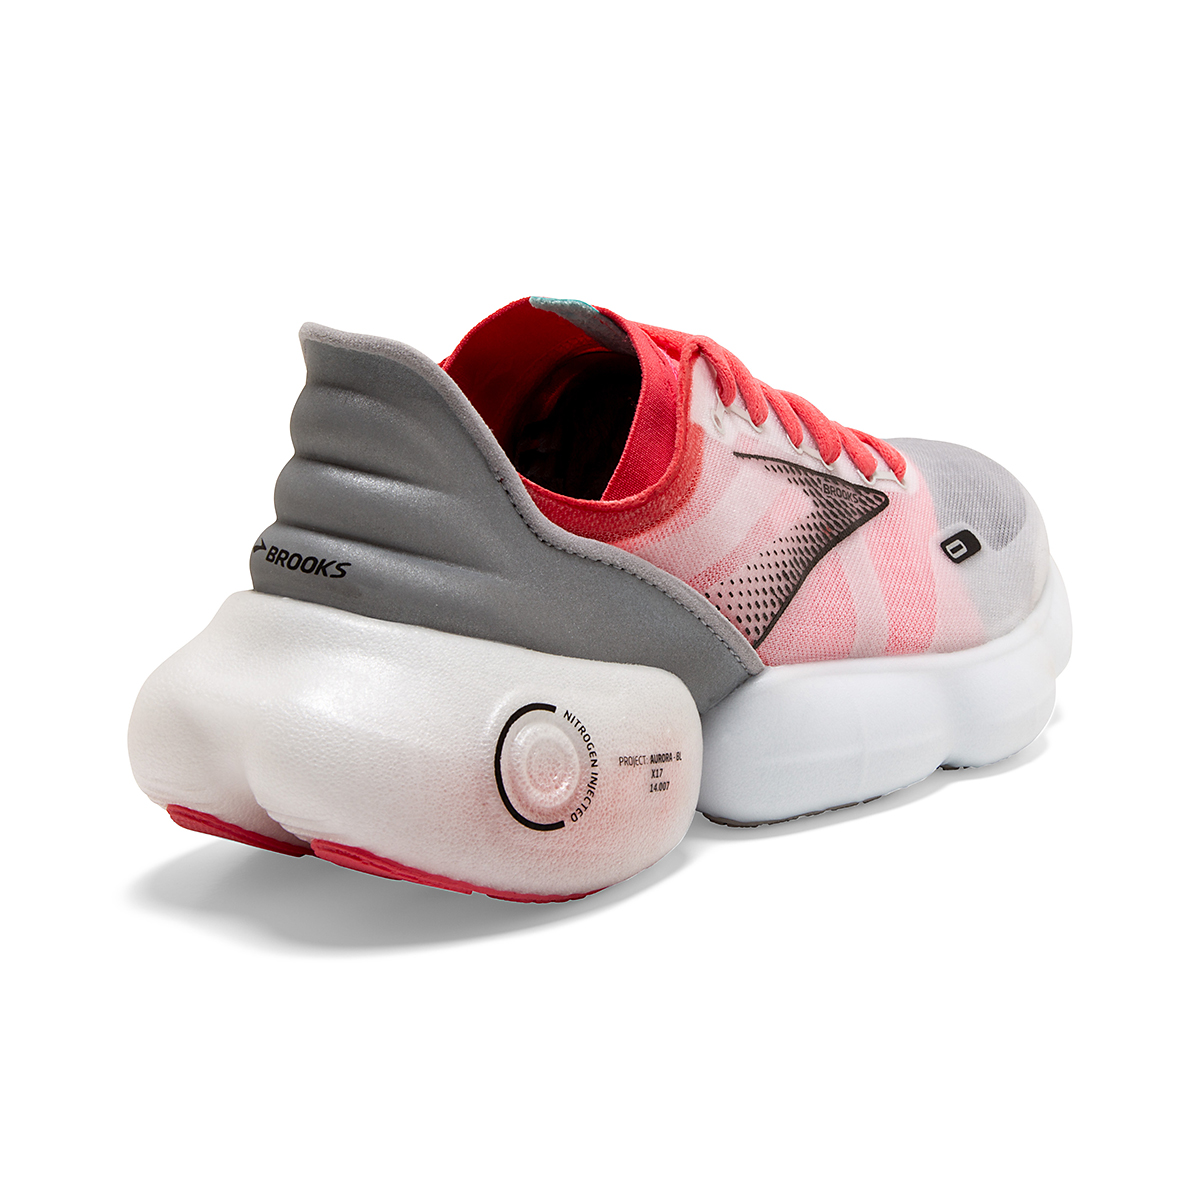 Women's Brooks Aurora-BL Running Shoe - Color: Grey/Coral/Black - Size: 5 - Width: Regular, Grey/Coral/Black, large, image 4